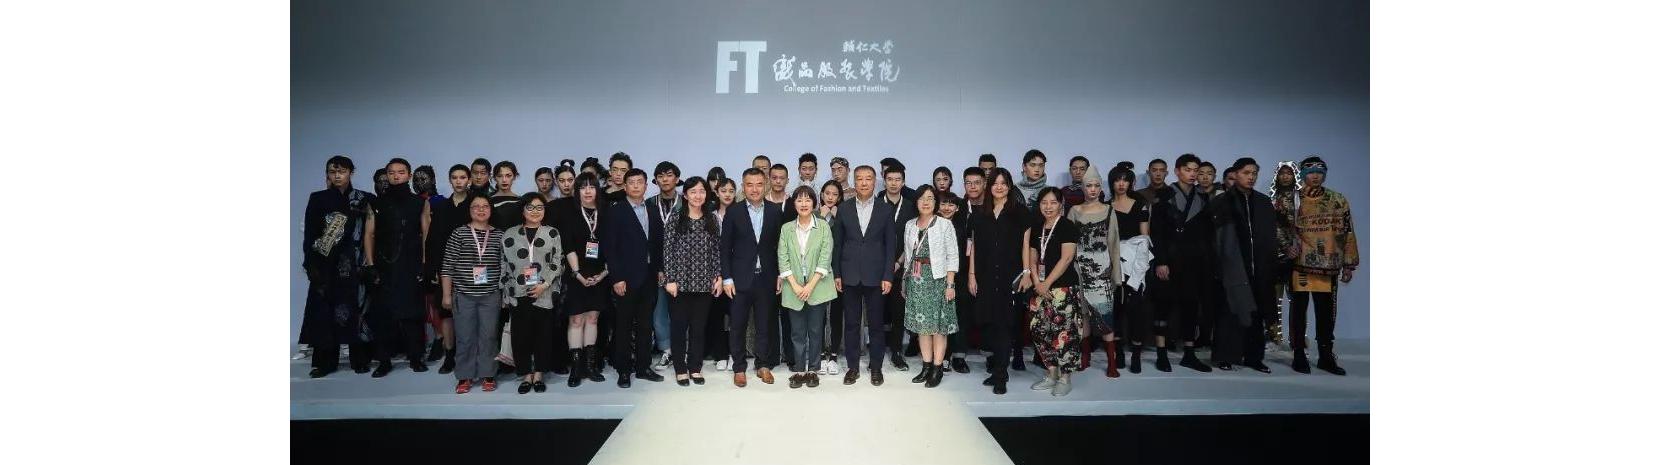 2019北京大學生服裝週2